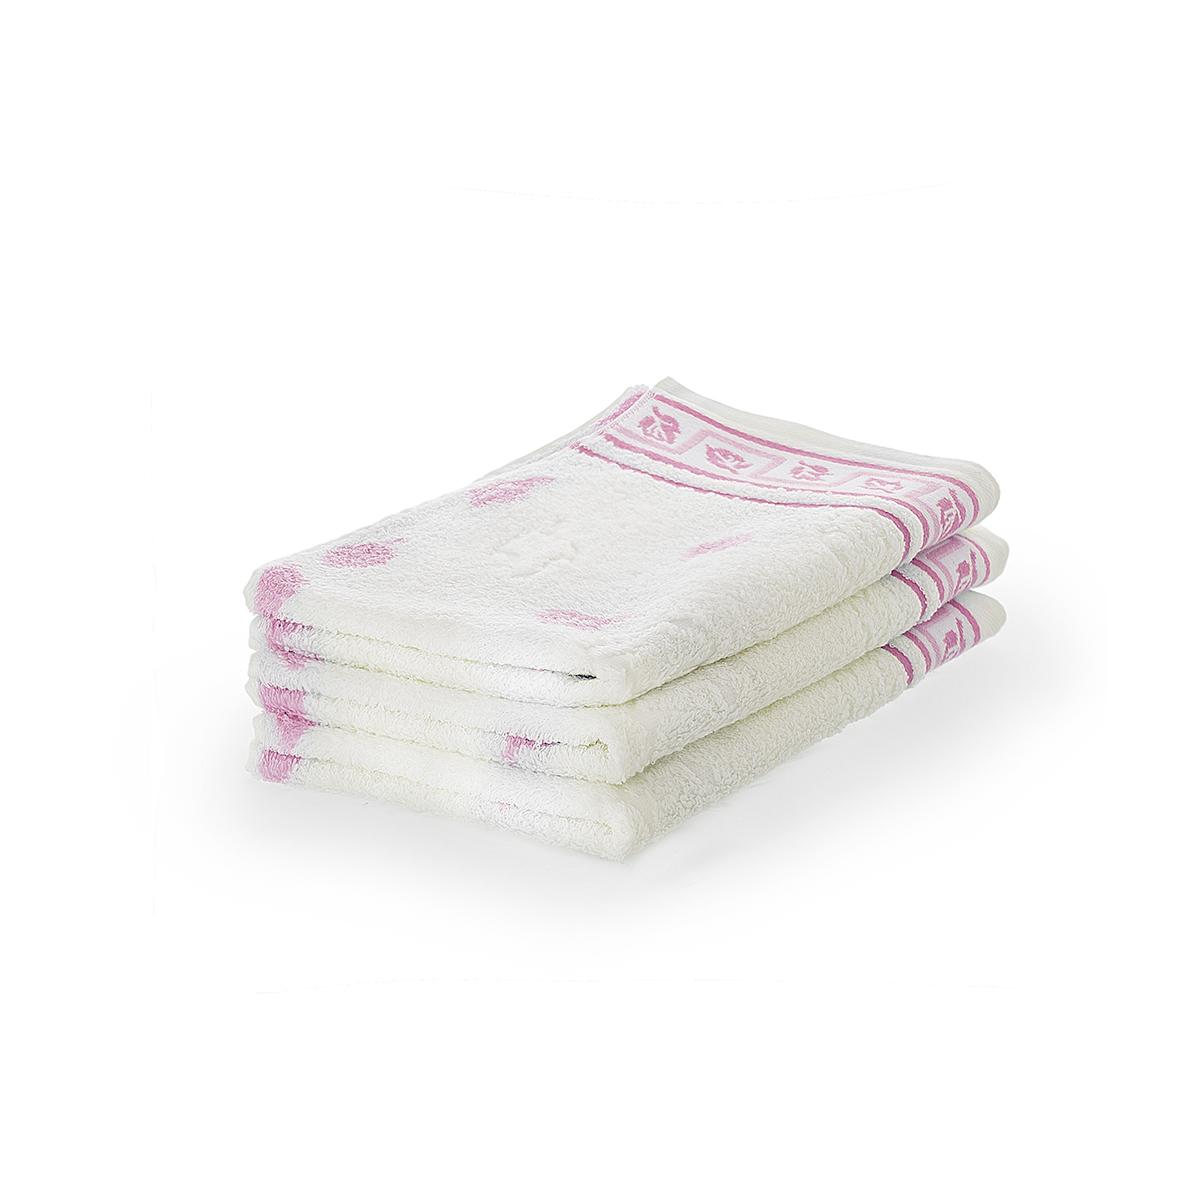 Полотенце  Листопад  Розовый, размер 65х135 см - Текстиль для дома артикул: 17992